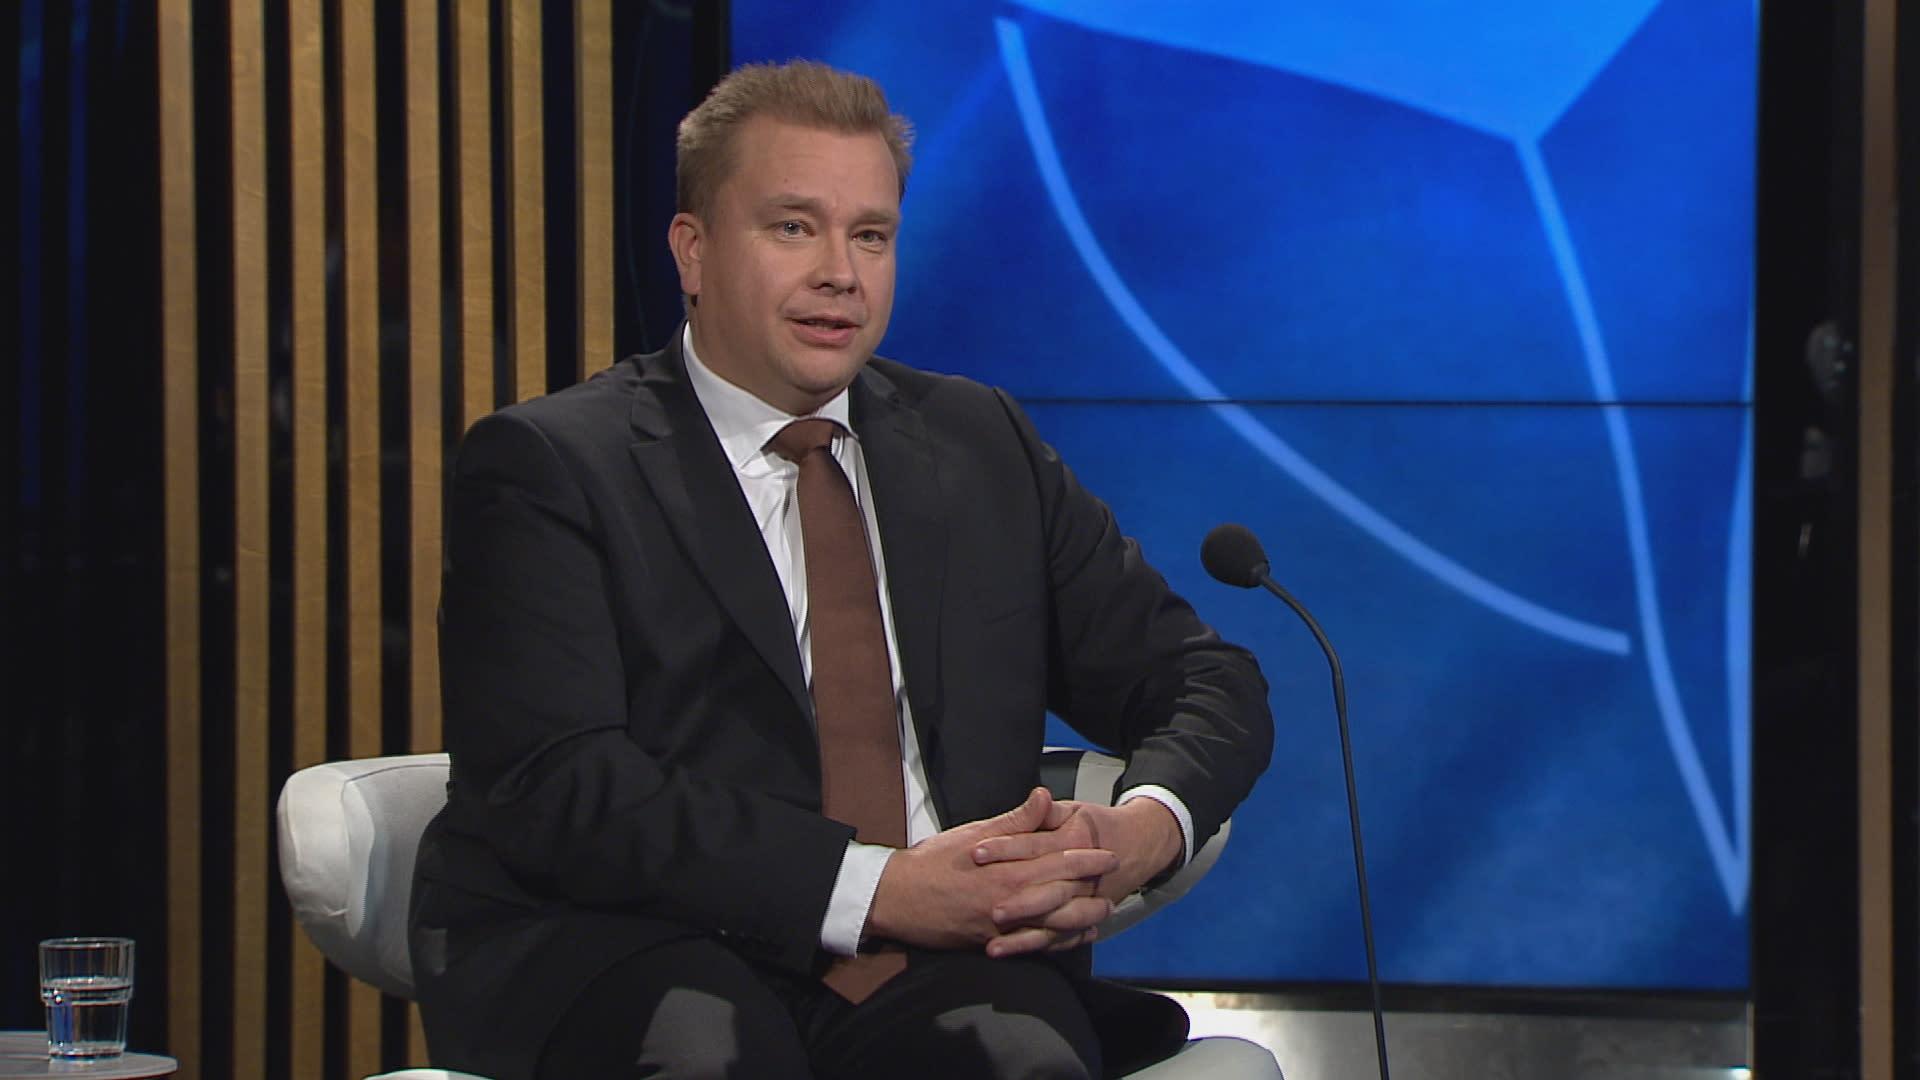 Puolustusministeri Antti Kaikkonen A-Talkissa.